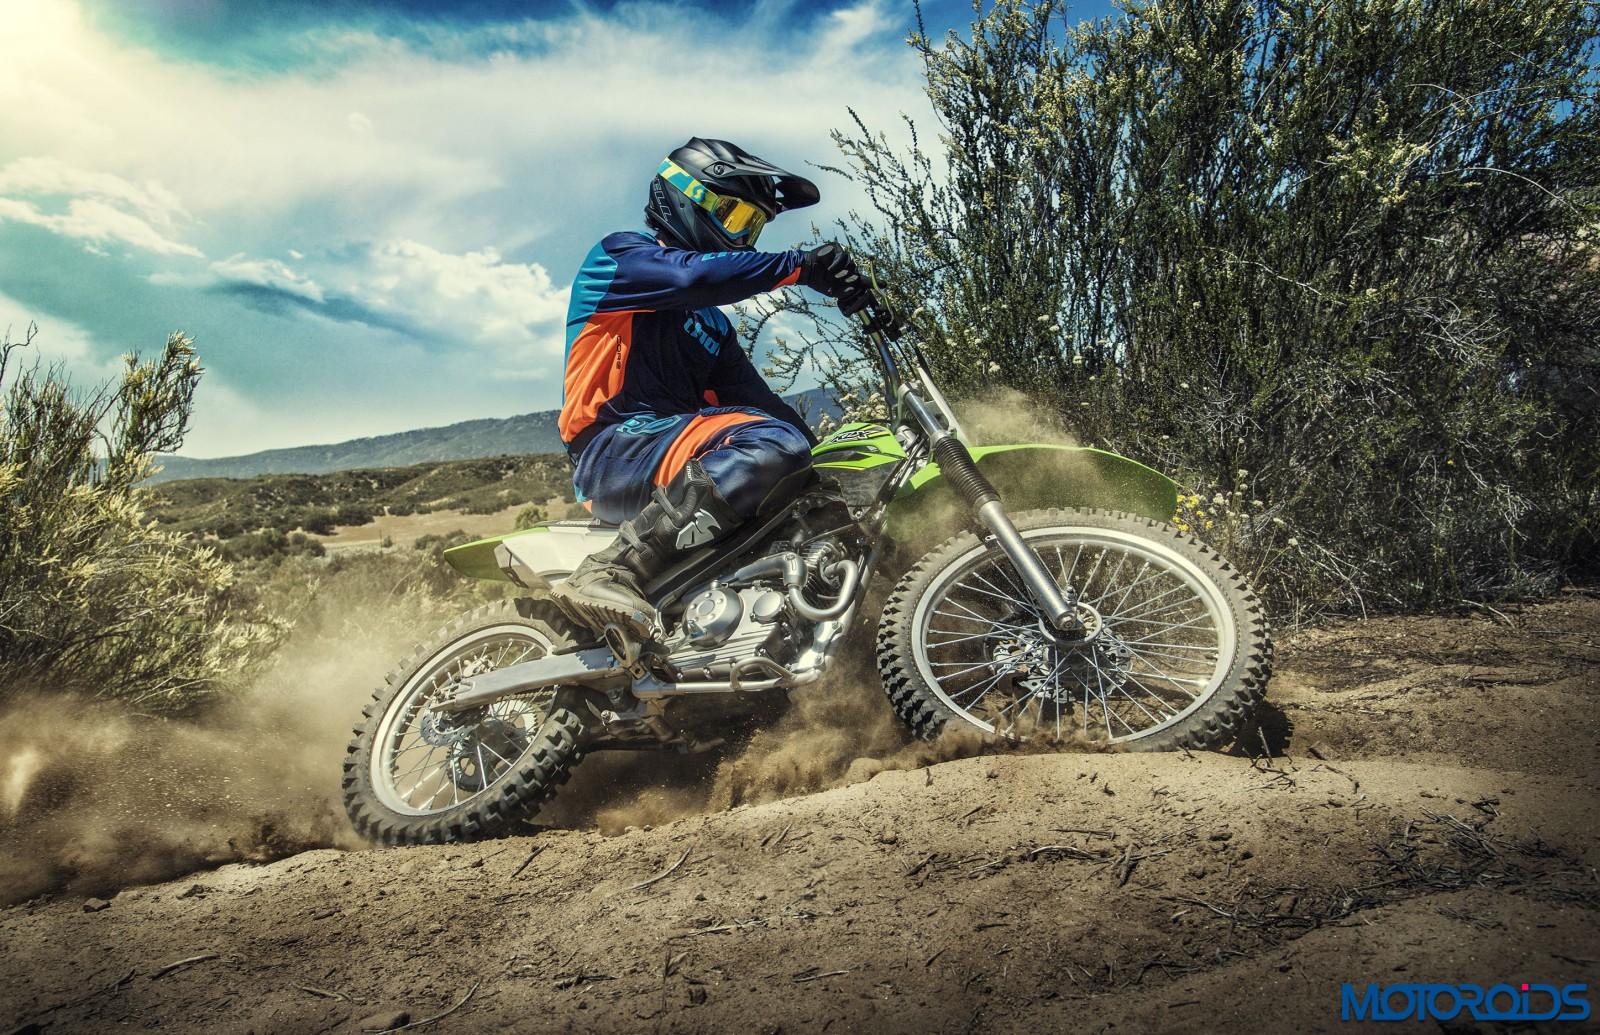 Kawasaki-KLX140-Official-Photographs-4